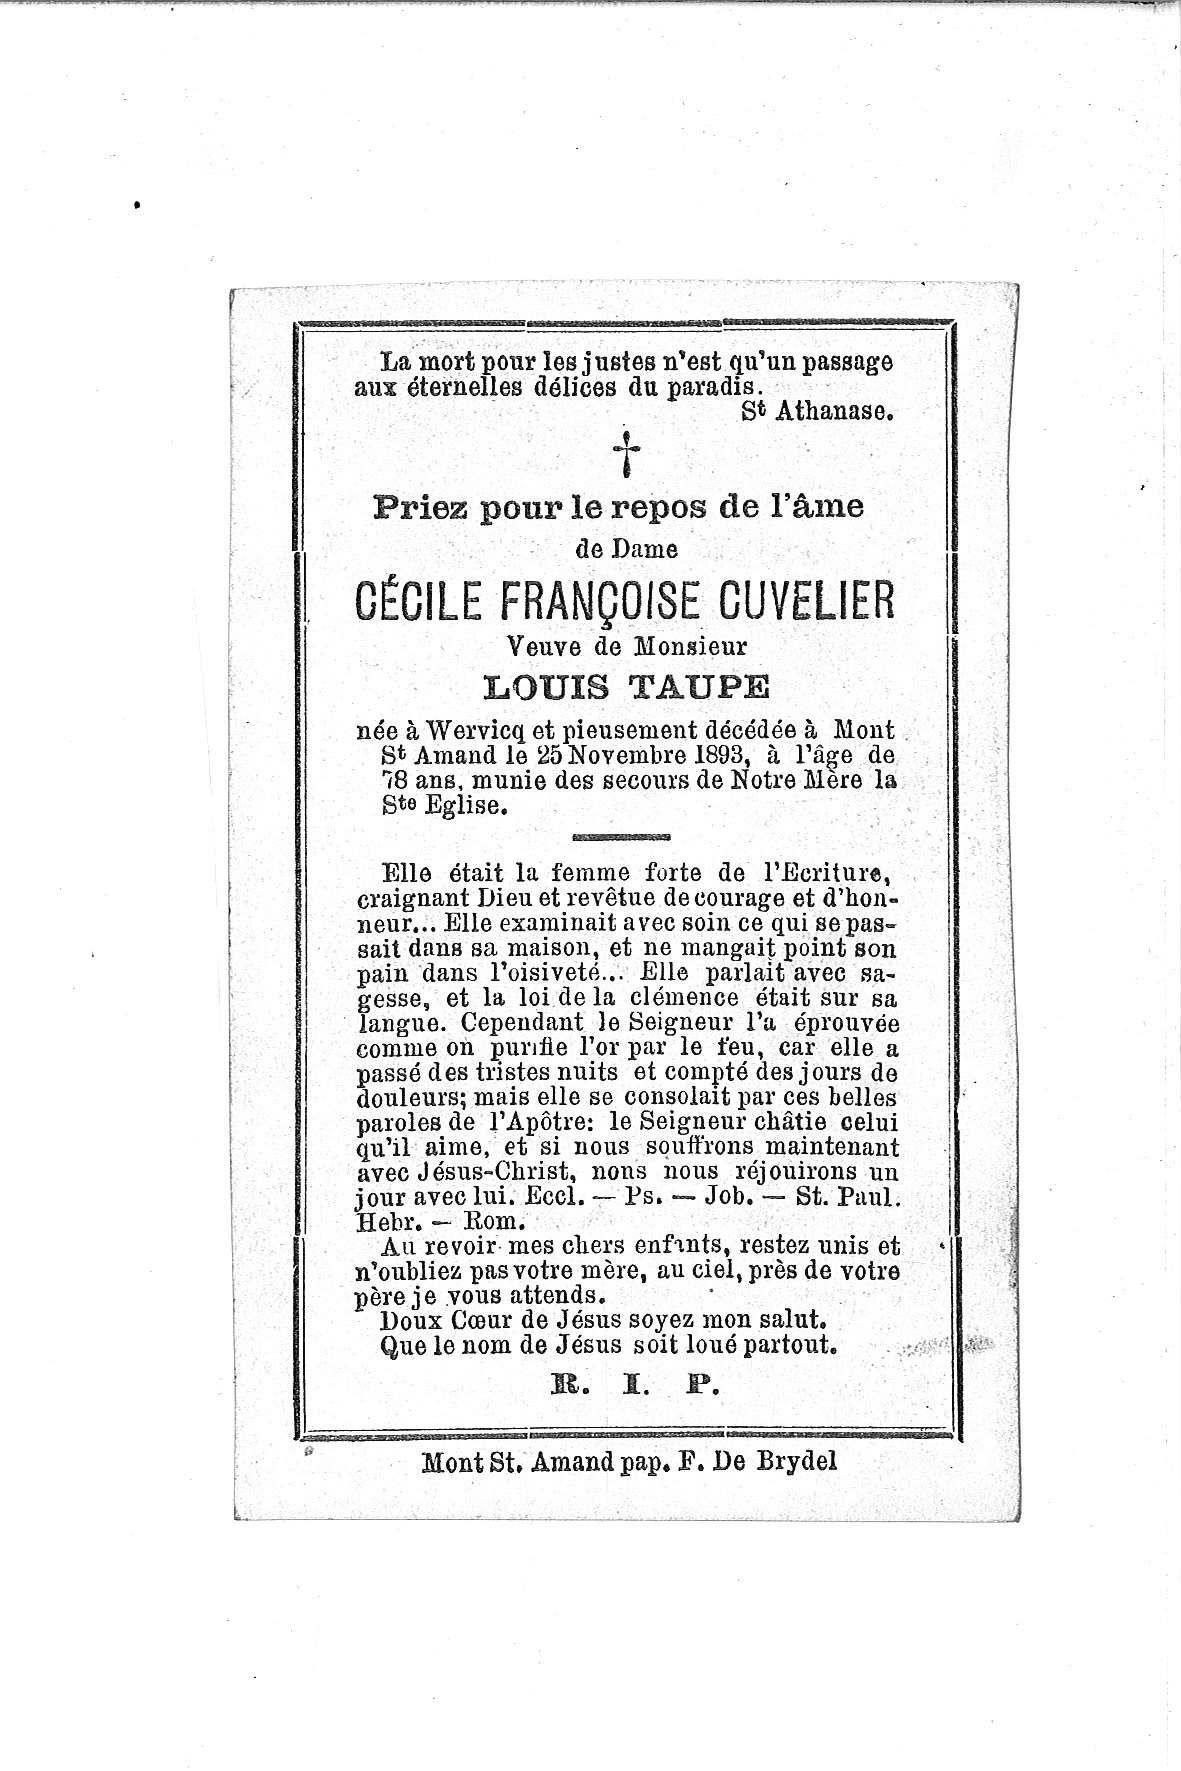 cécile-françoise(1893)20120329074916_00015.jpg